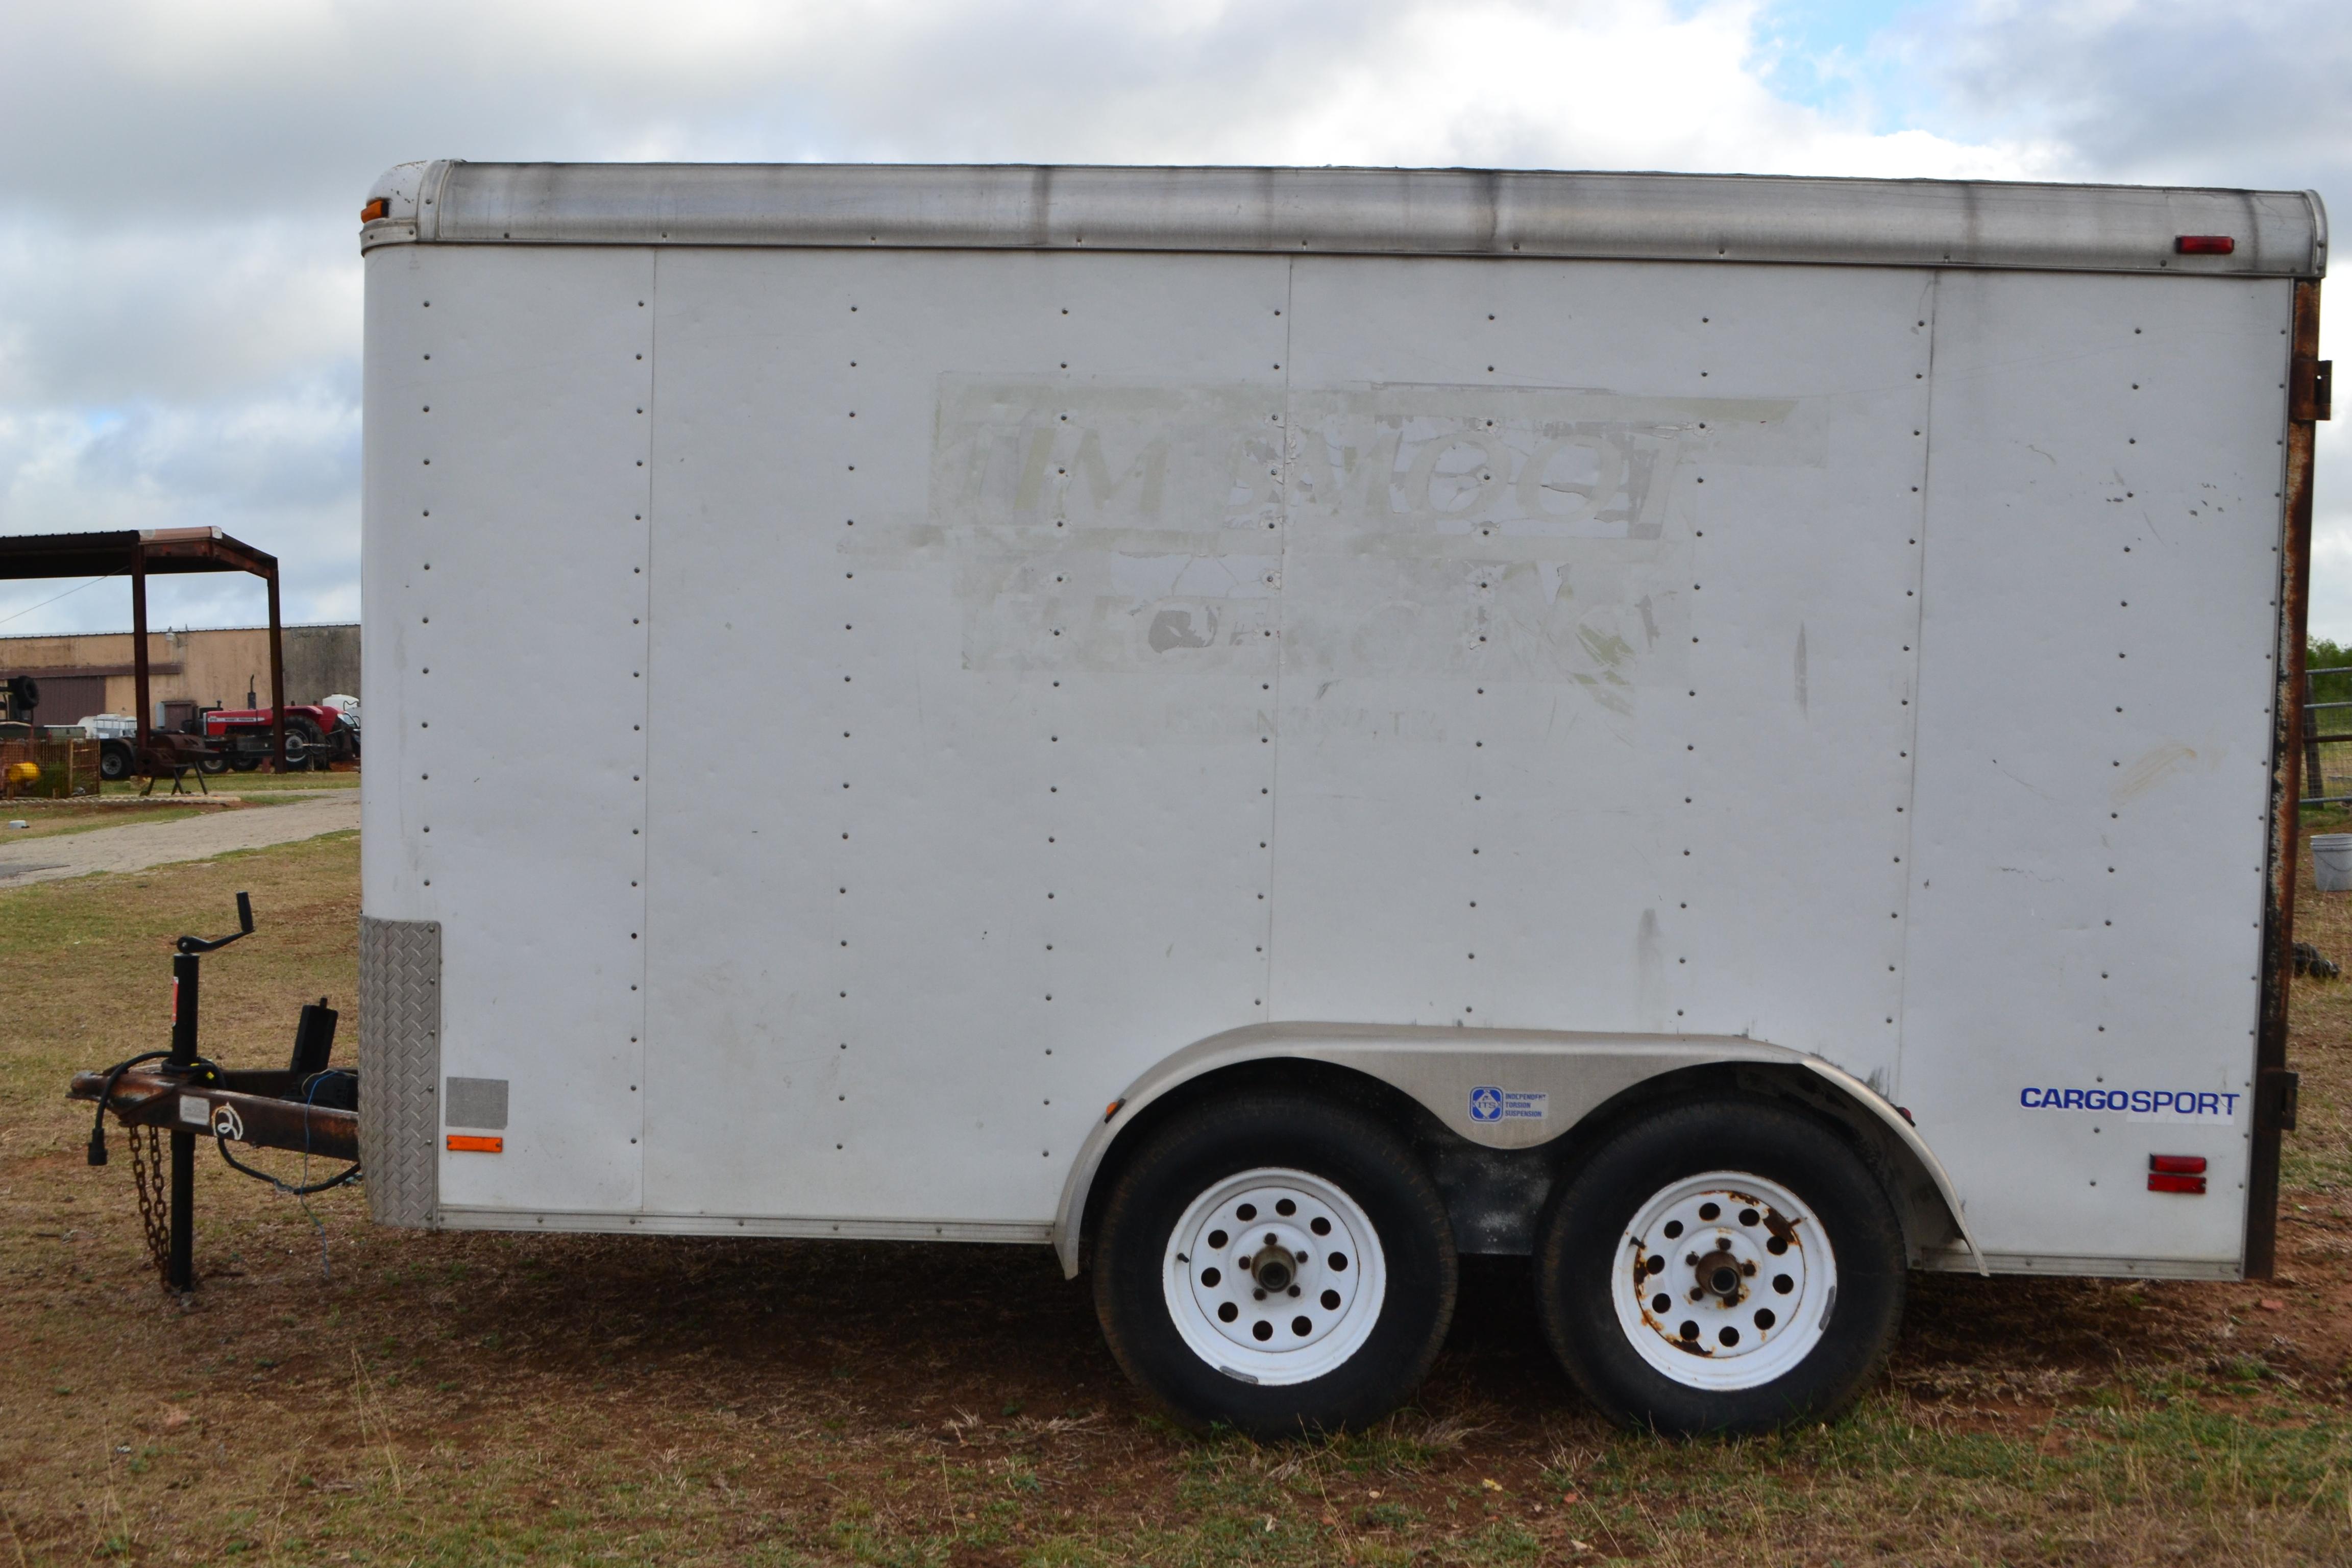 Lot 10 - Enclosed Cargo Trailer